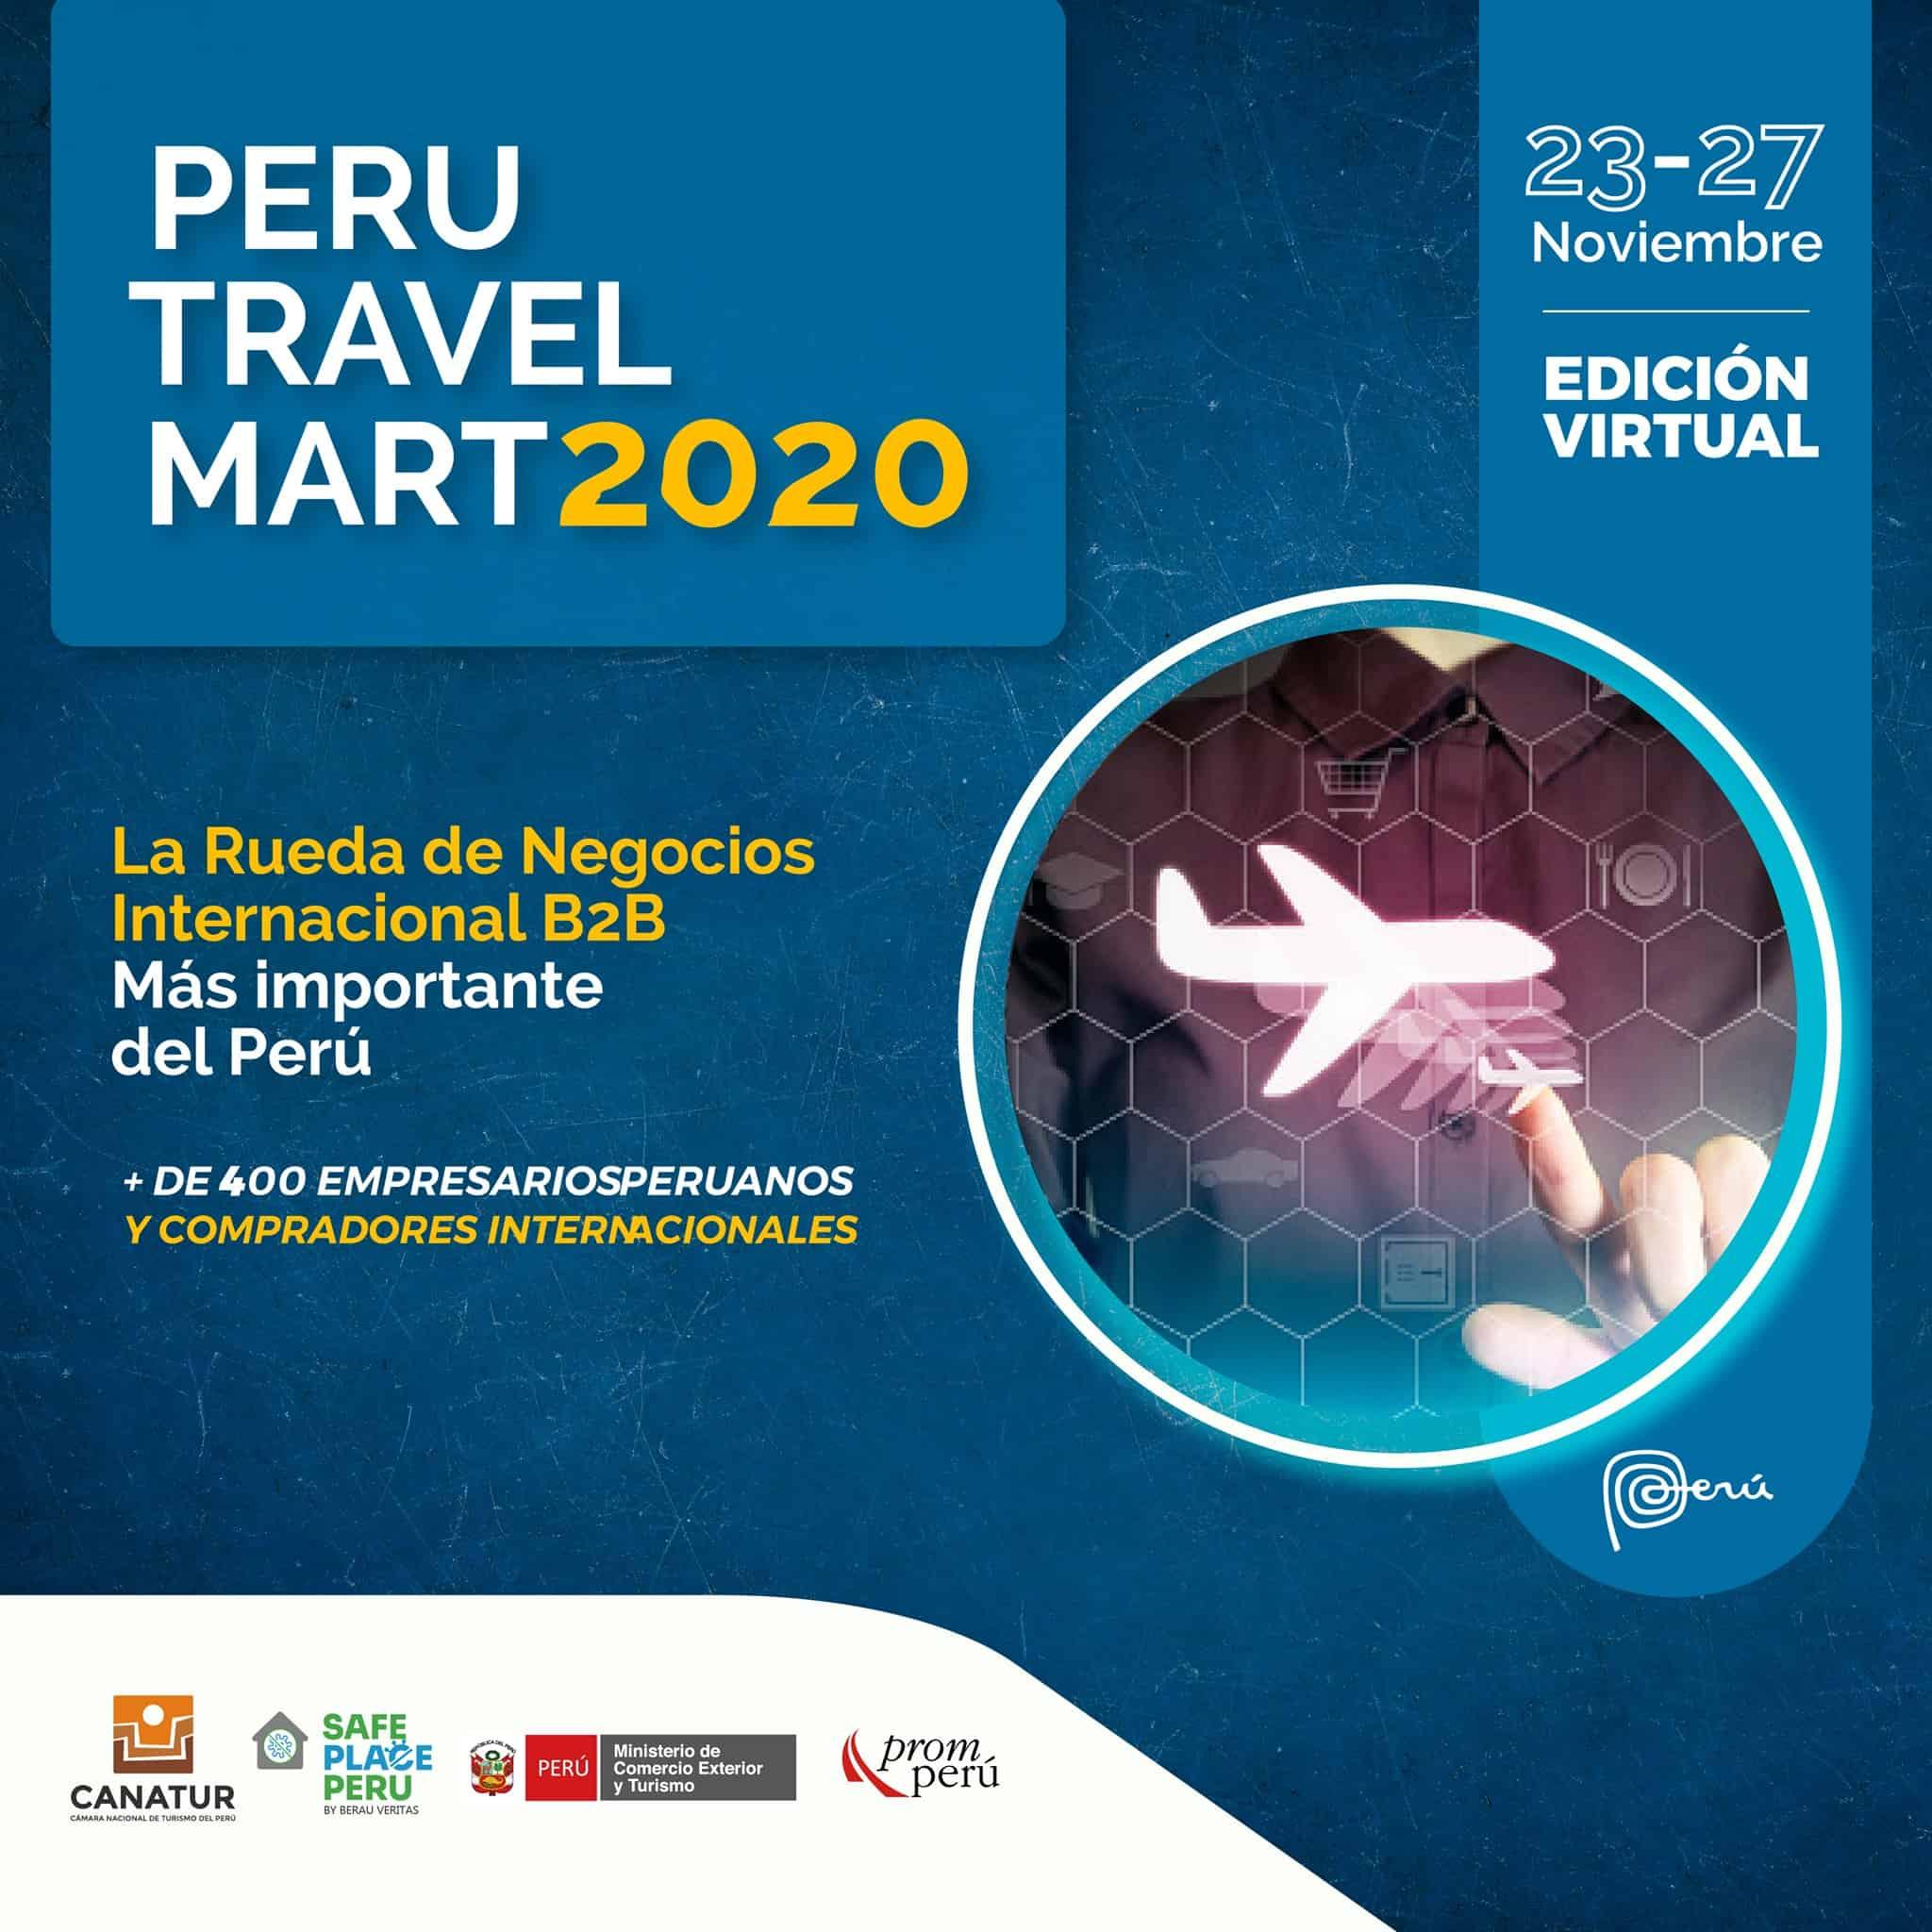 flyer Peru travel mart